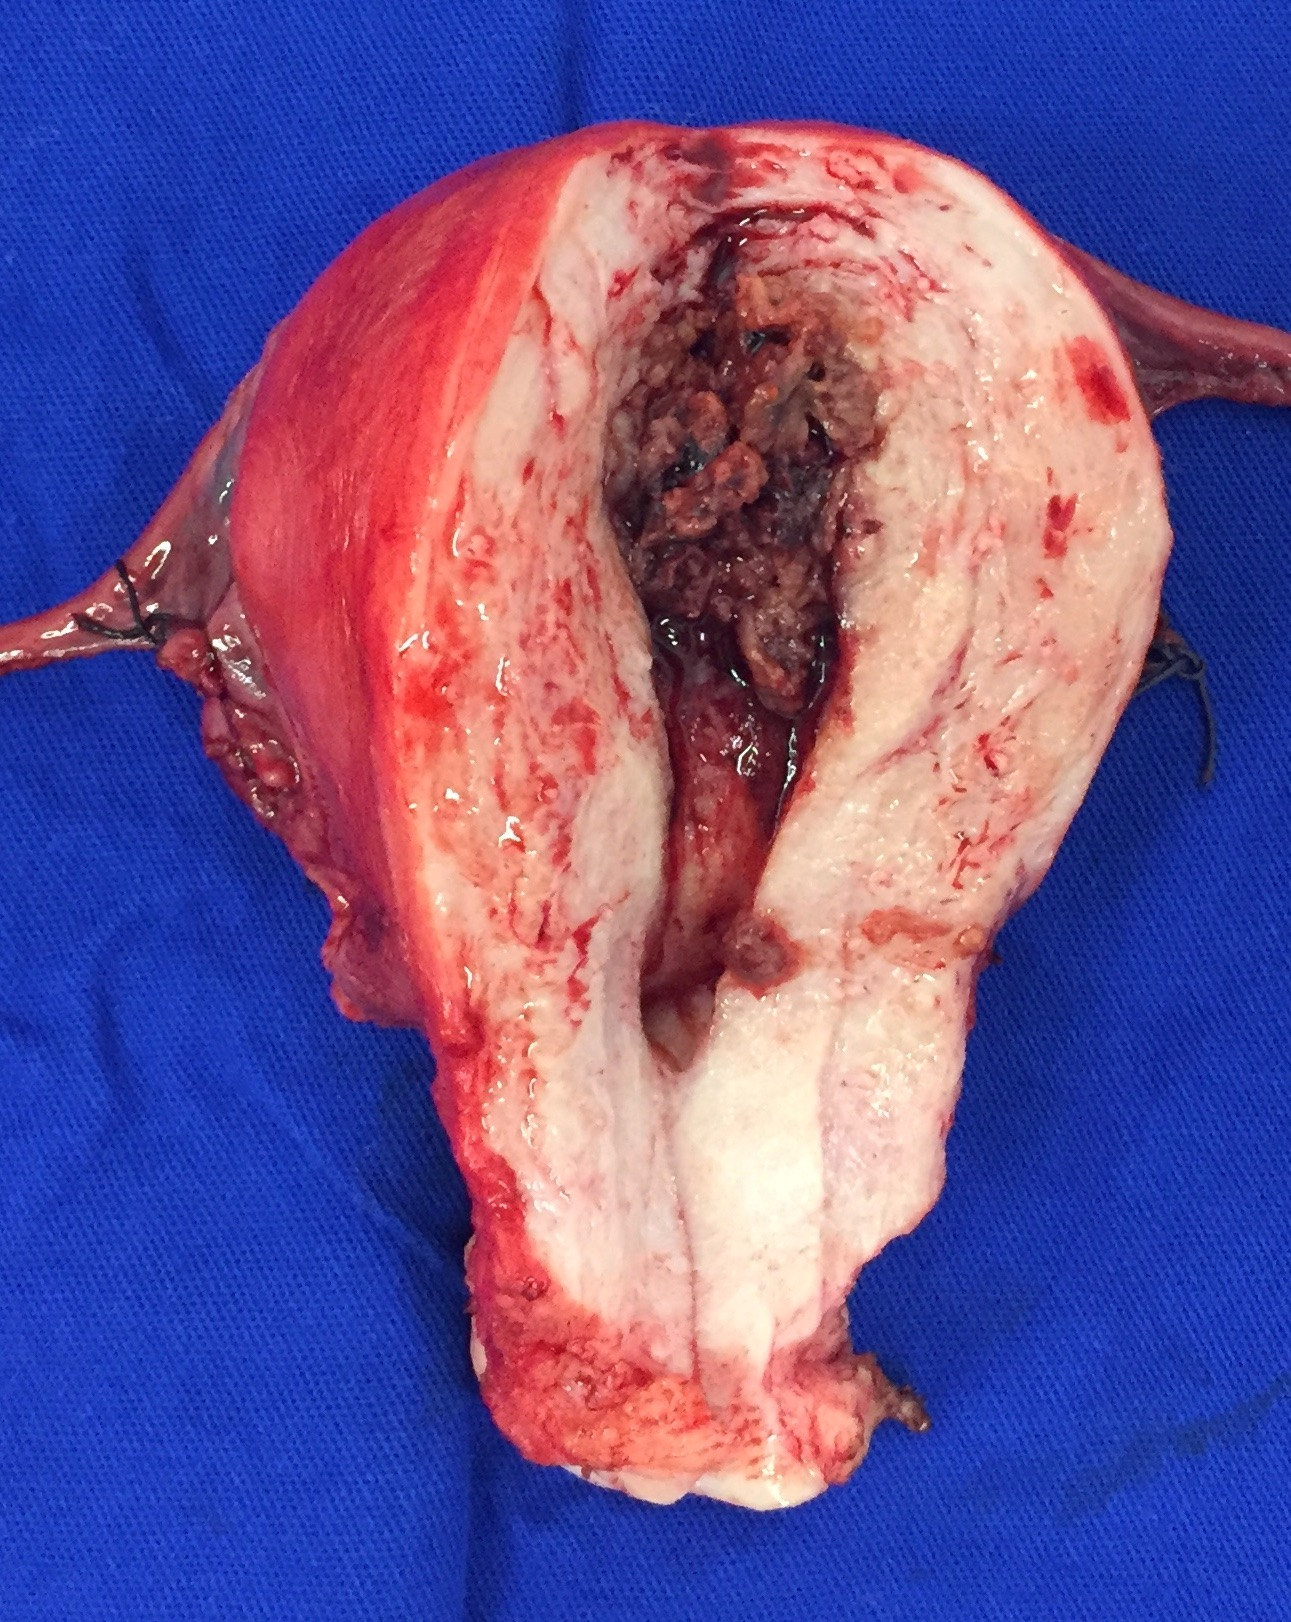 Uterine tumor